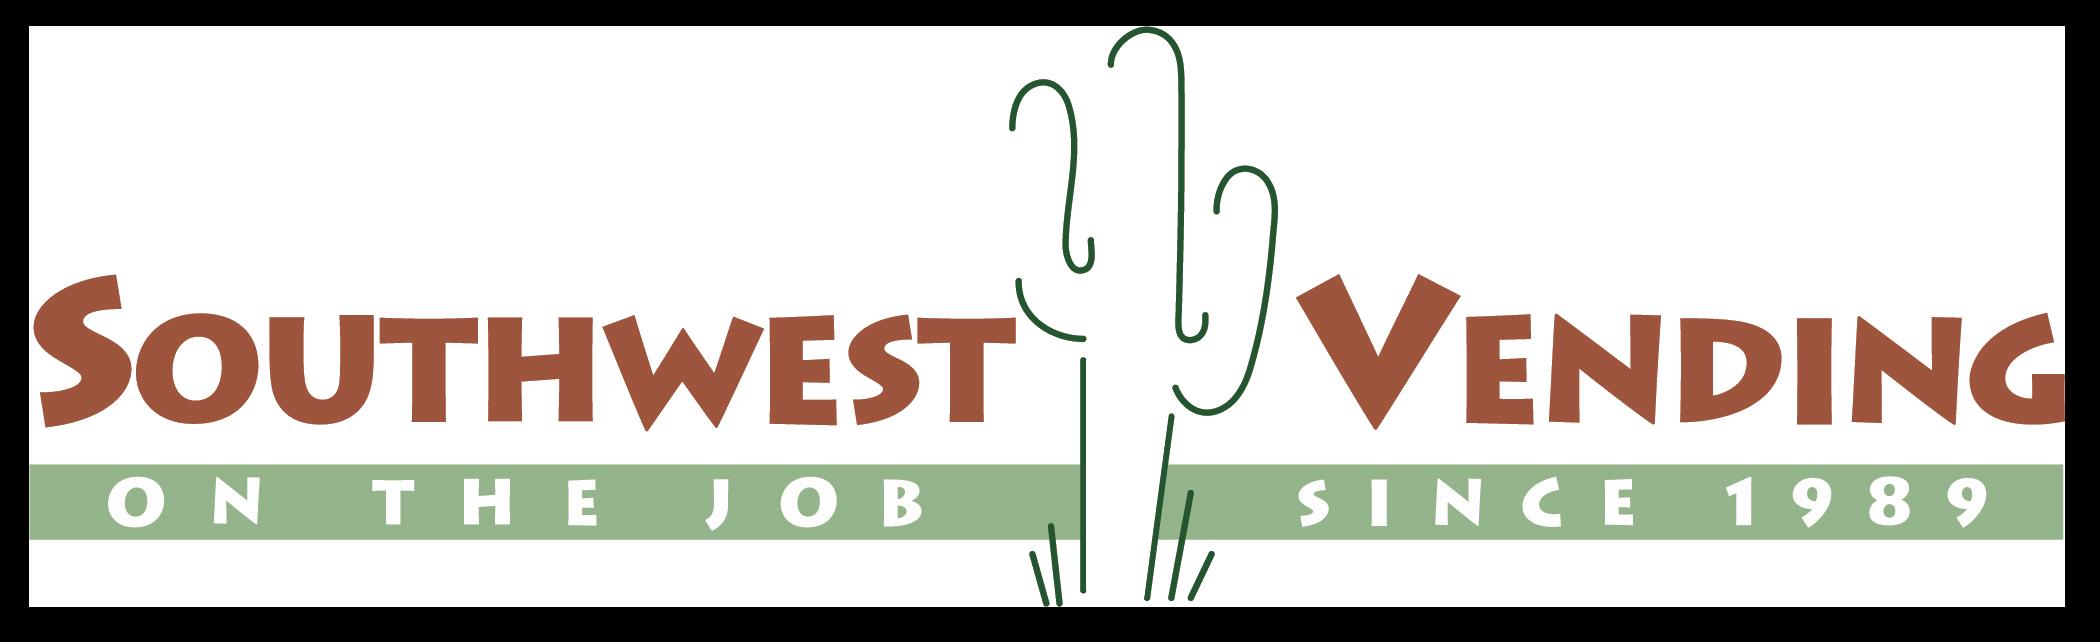 Southwest Vending Logo no bkg.png